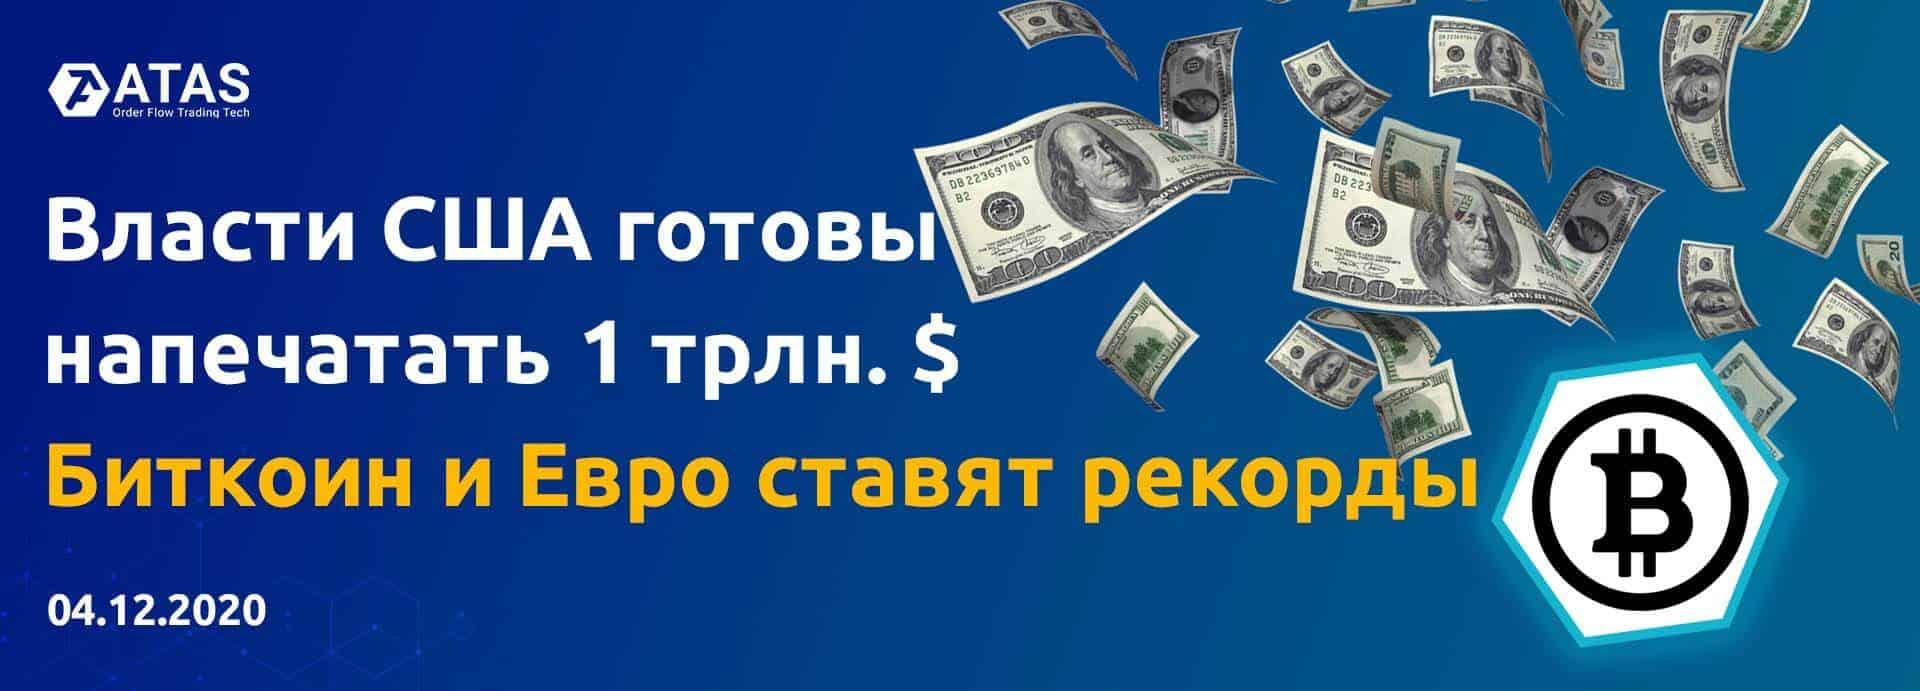 Власти США готовы напечатать 1 триллион долларов. Биткоин и Евро ставят рекорды. Что это все значит для рядового инвестора